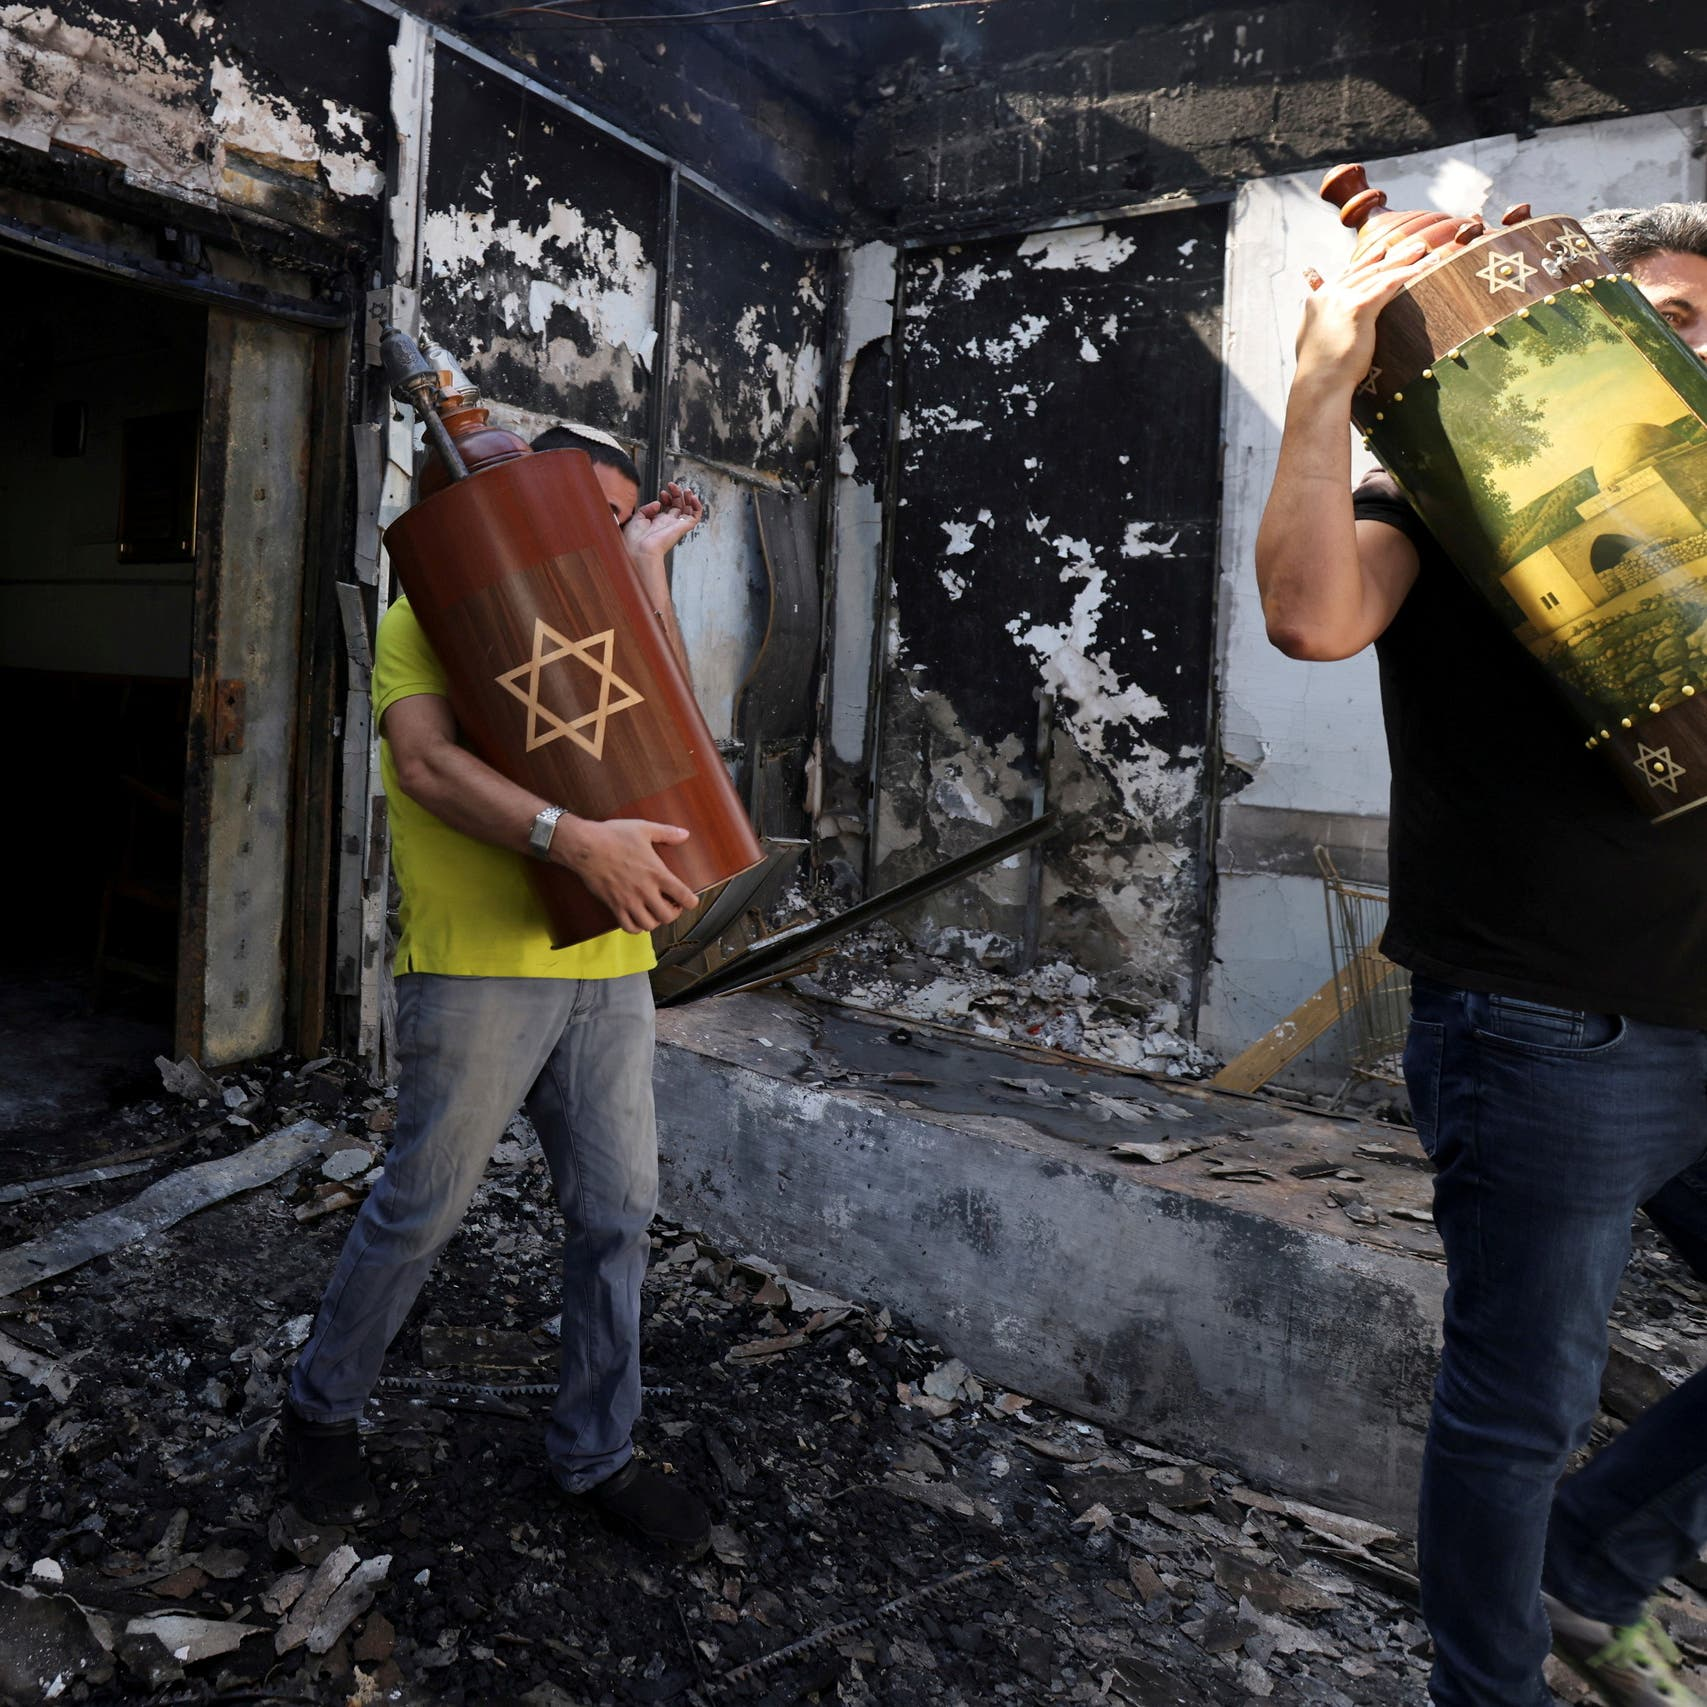 عنف متصاعد في المدن المختلطة.. وإسرائيل تعتقل 110